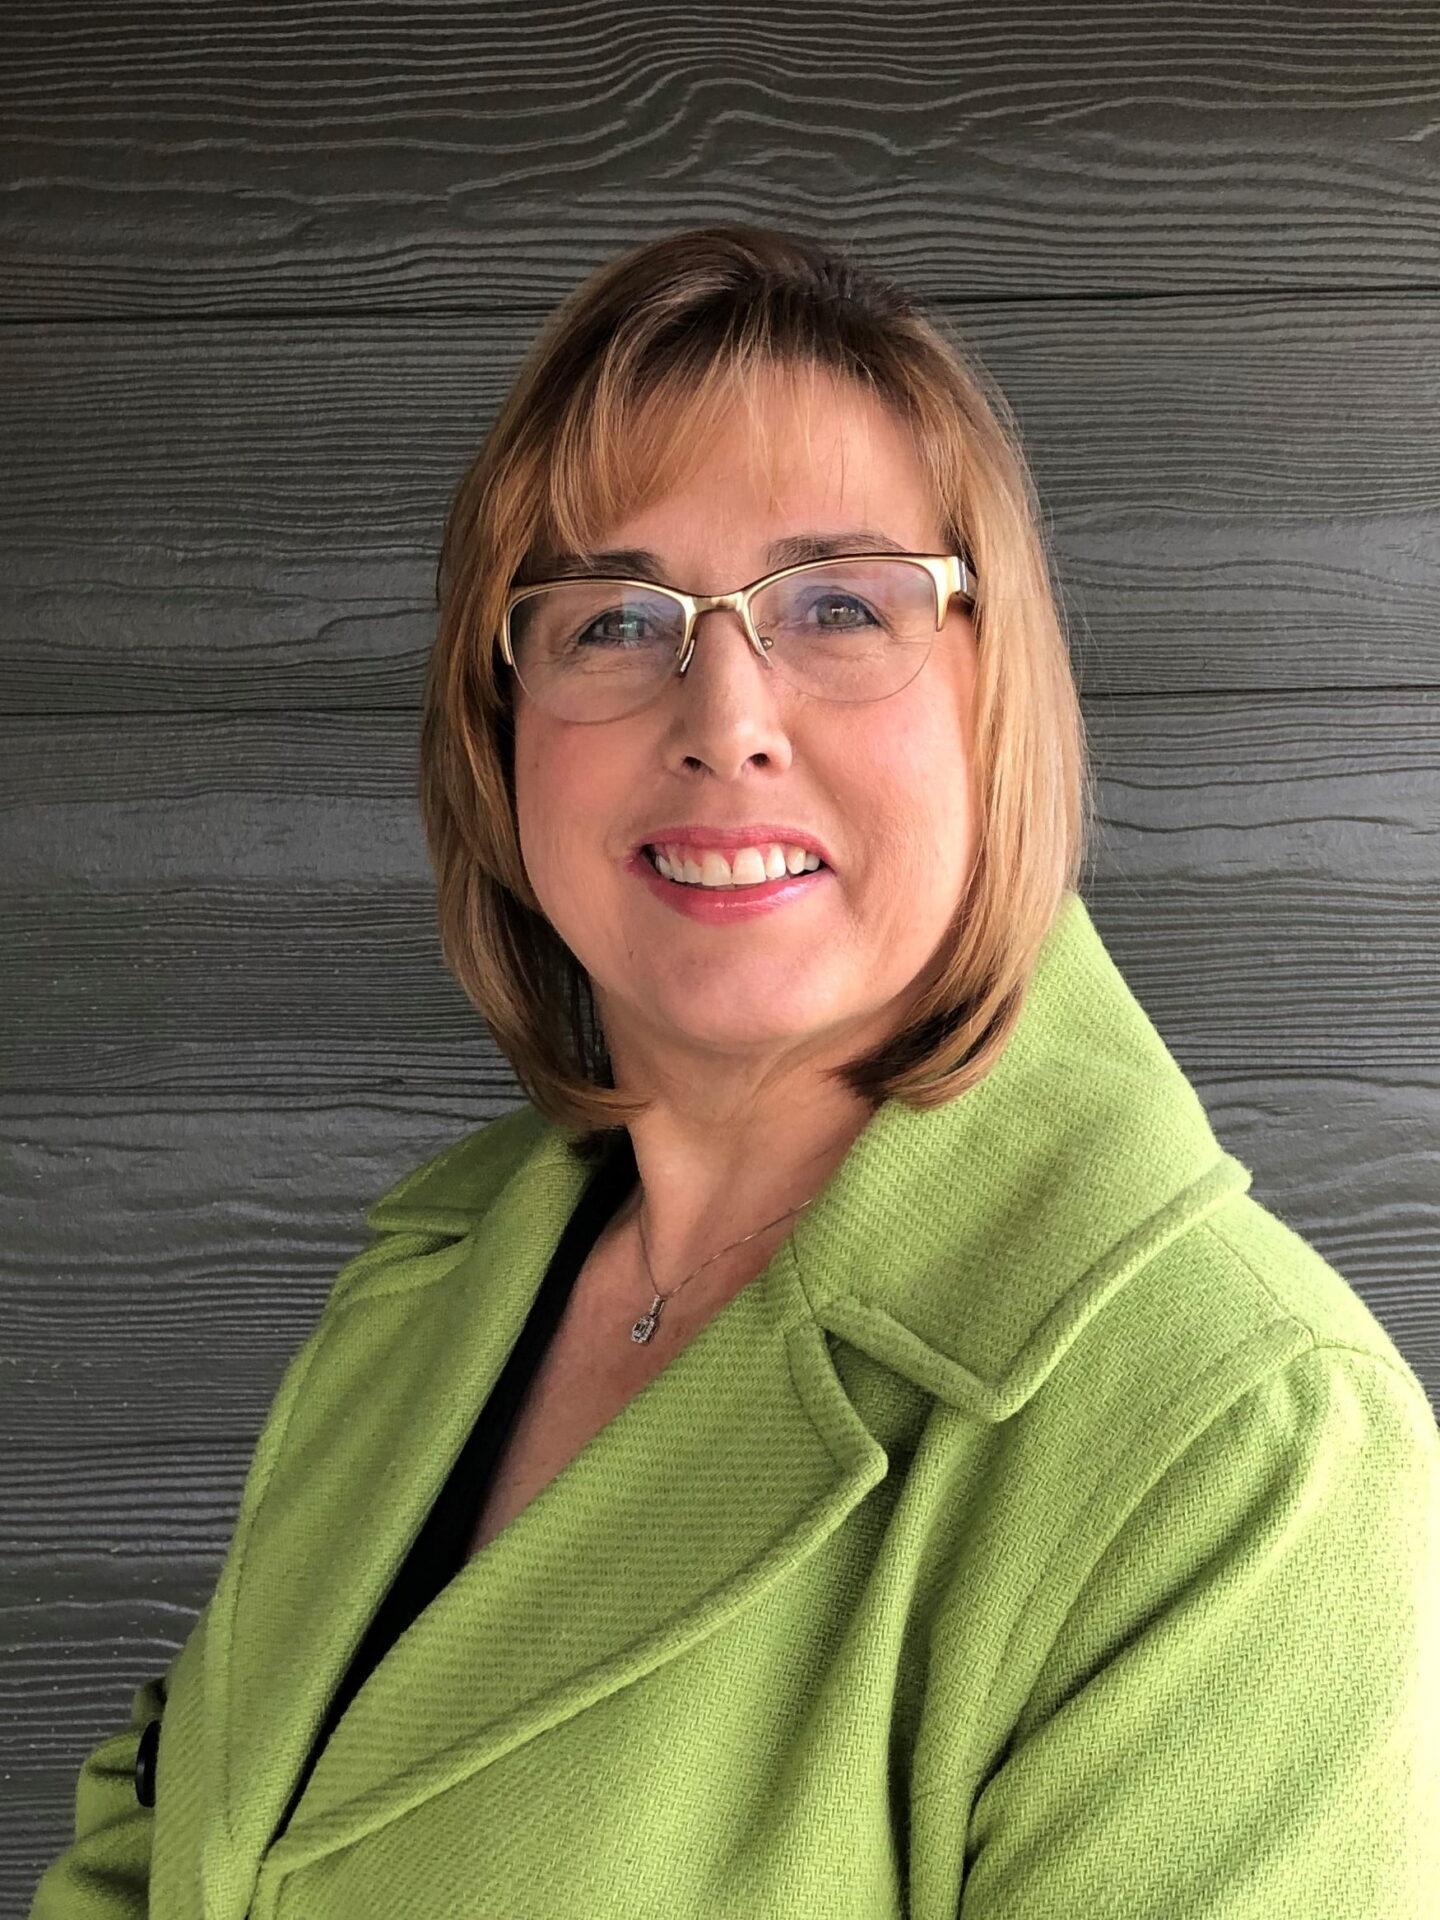 Cynthia Nikssarian